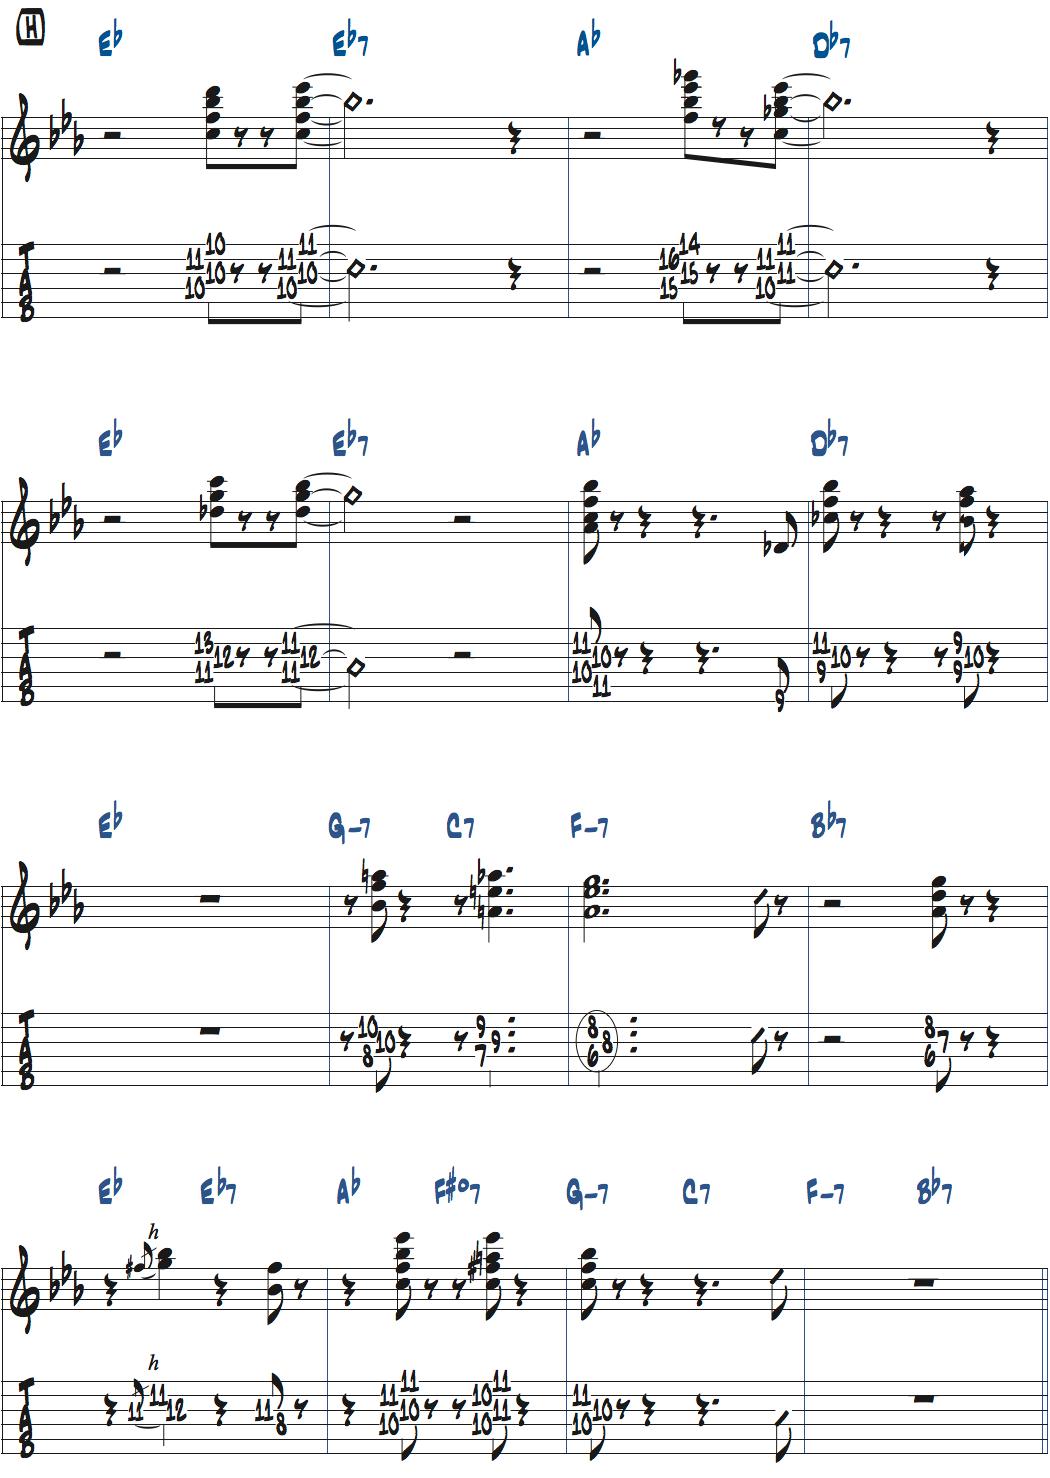 ジムホールのWithout a Songサックスのコンピング1コーラス目楽譜ページ5